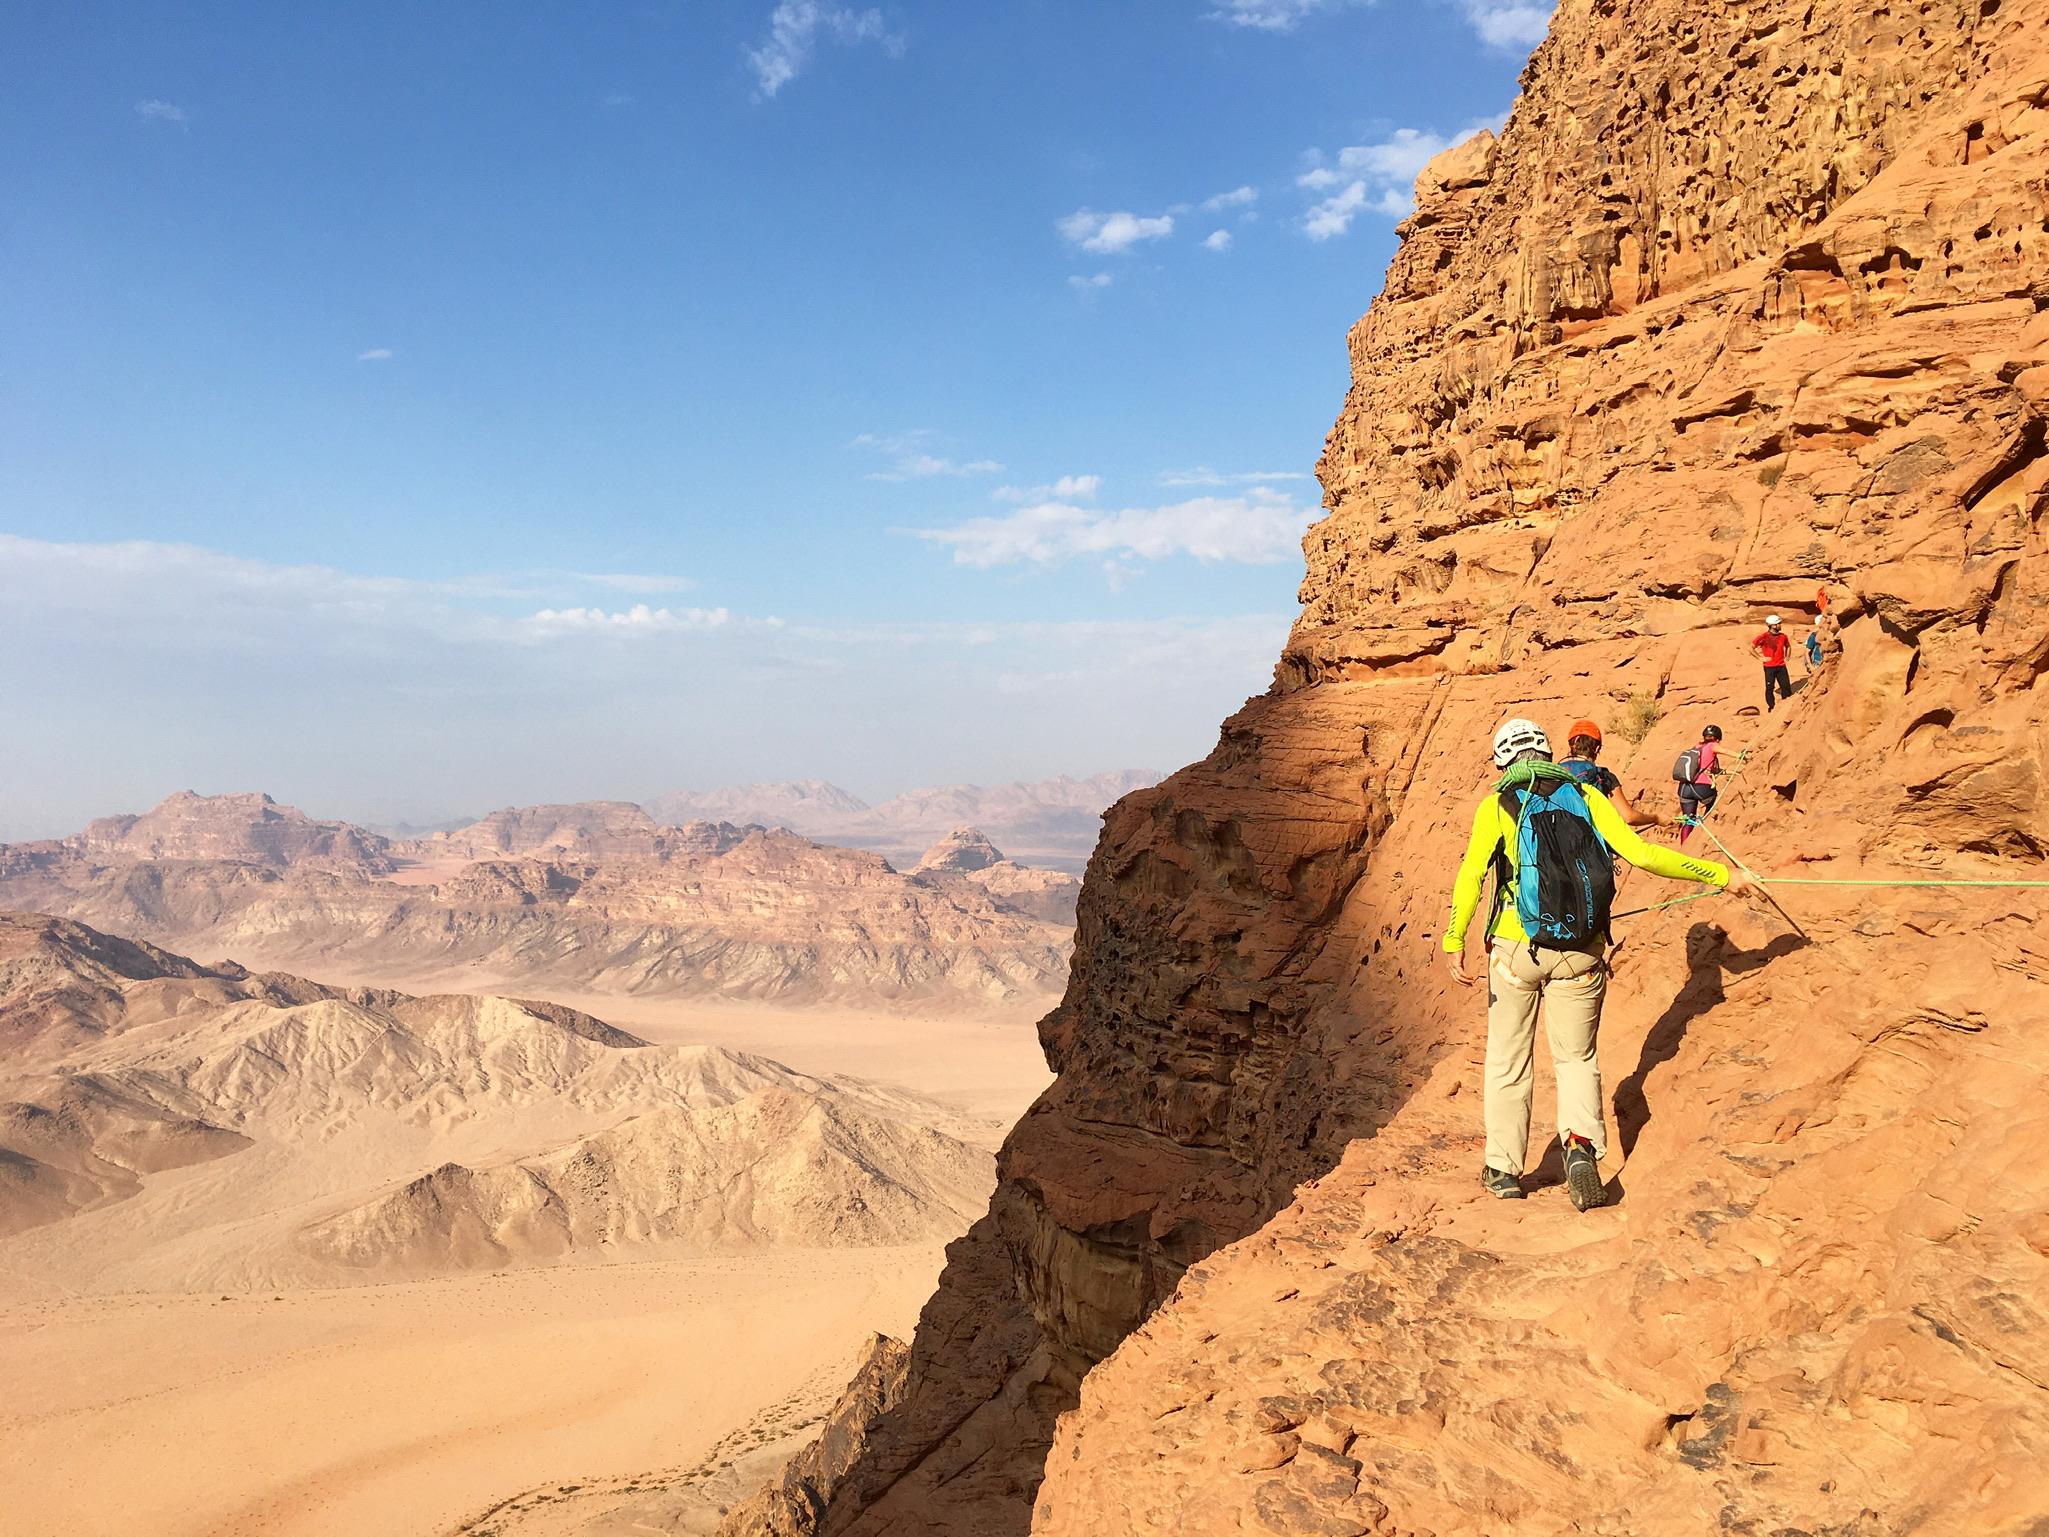 Randonnées bédouines dans le désert du Wadi Rum en Jordanie